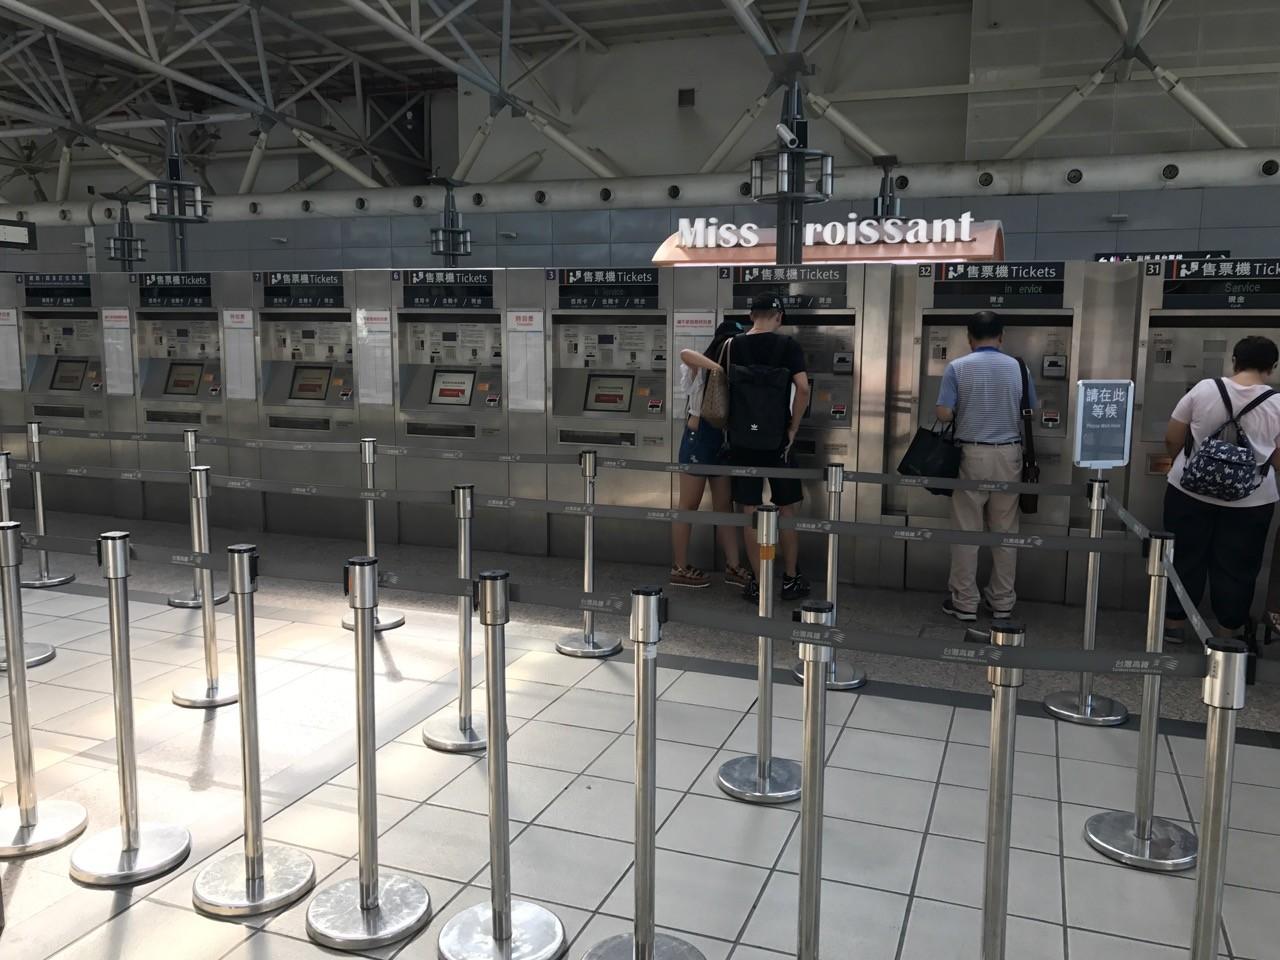 台湾新幹線のきっぷは自動券売機で買える